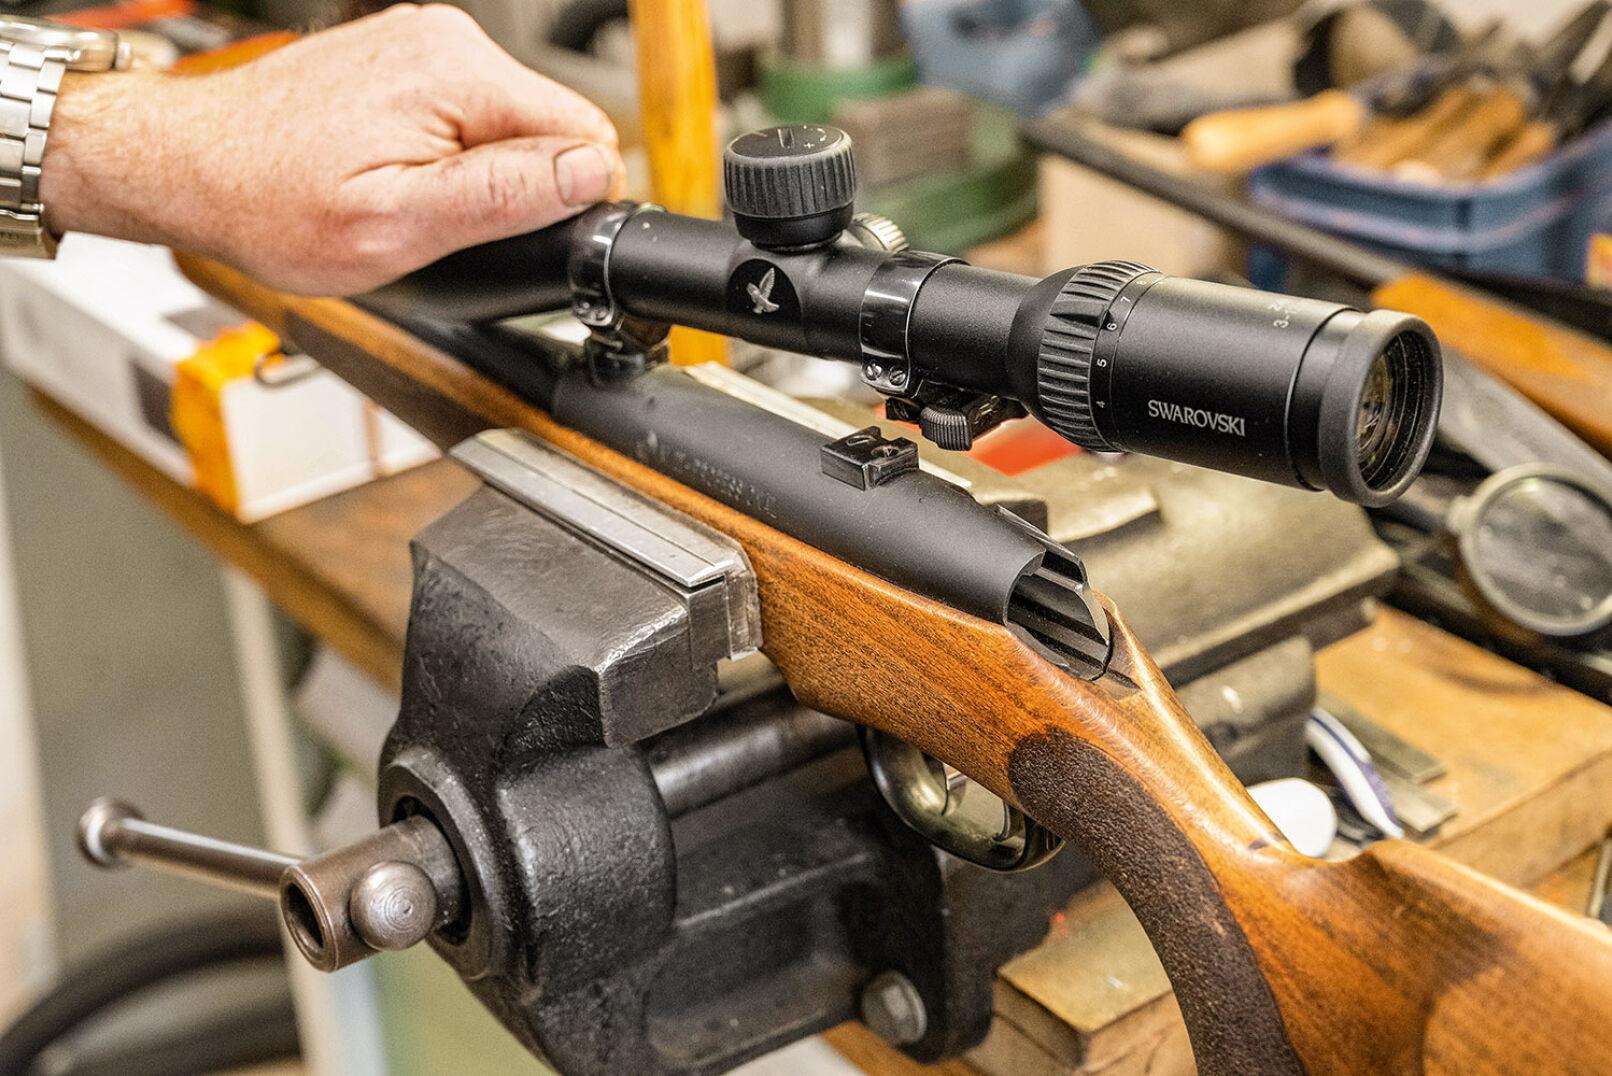 Gerald Artner kümmert sich in der Werkstatt u. a. um das Montieren von Optikmontagen. - © Barbara Marko